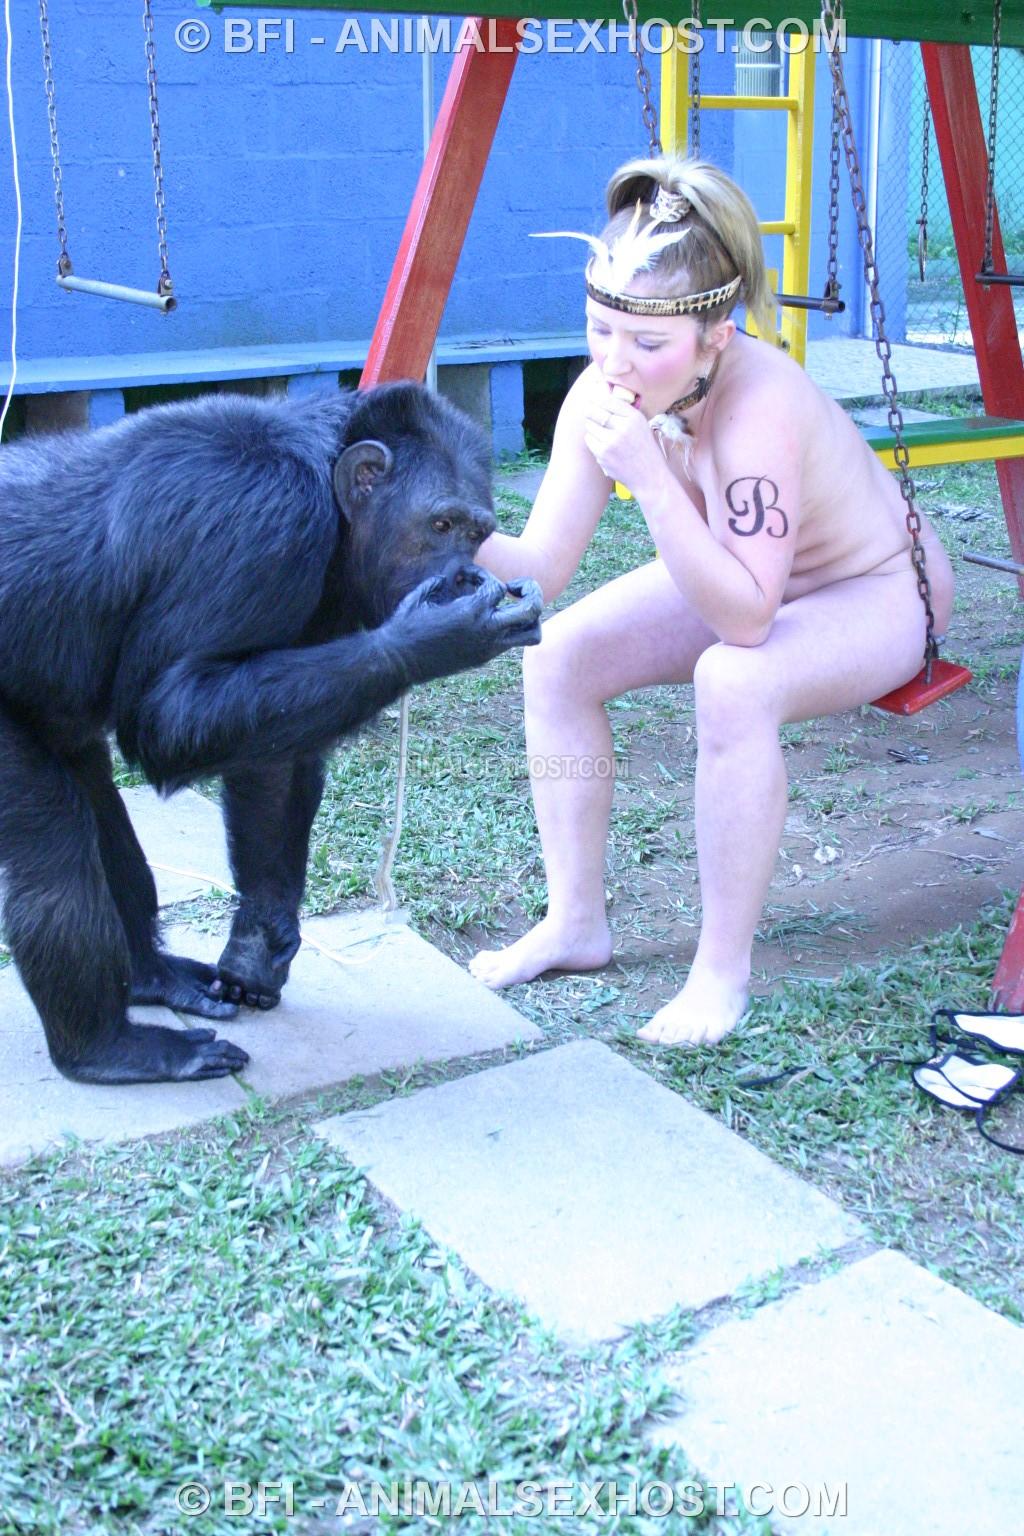 Chimpanzee sex videos